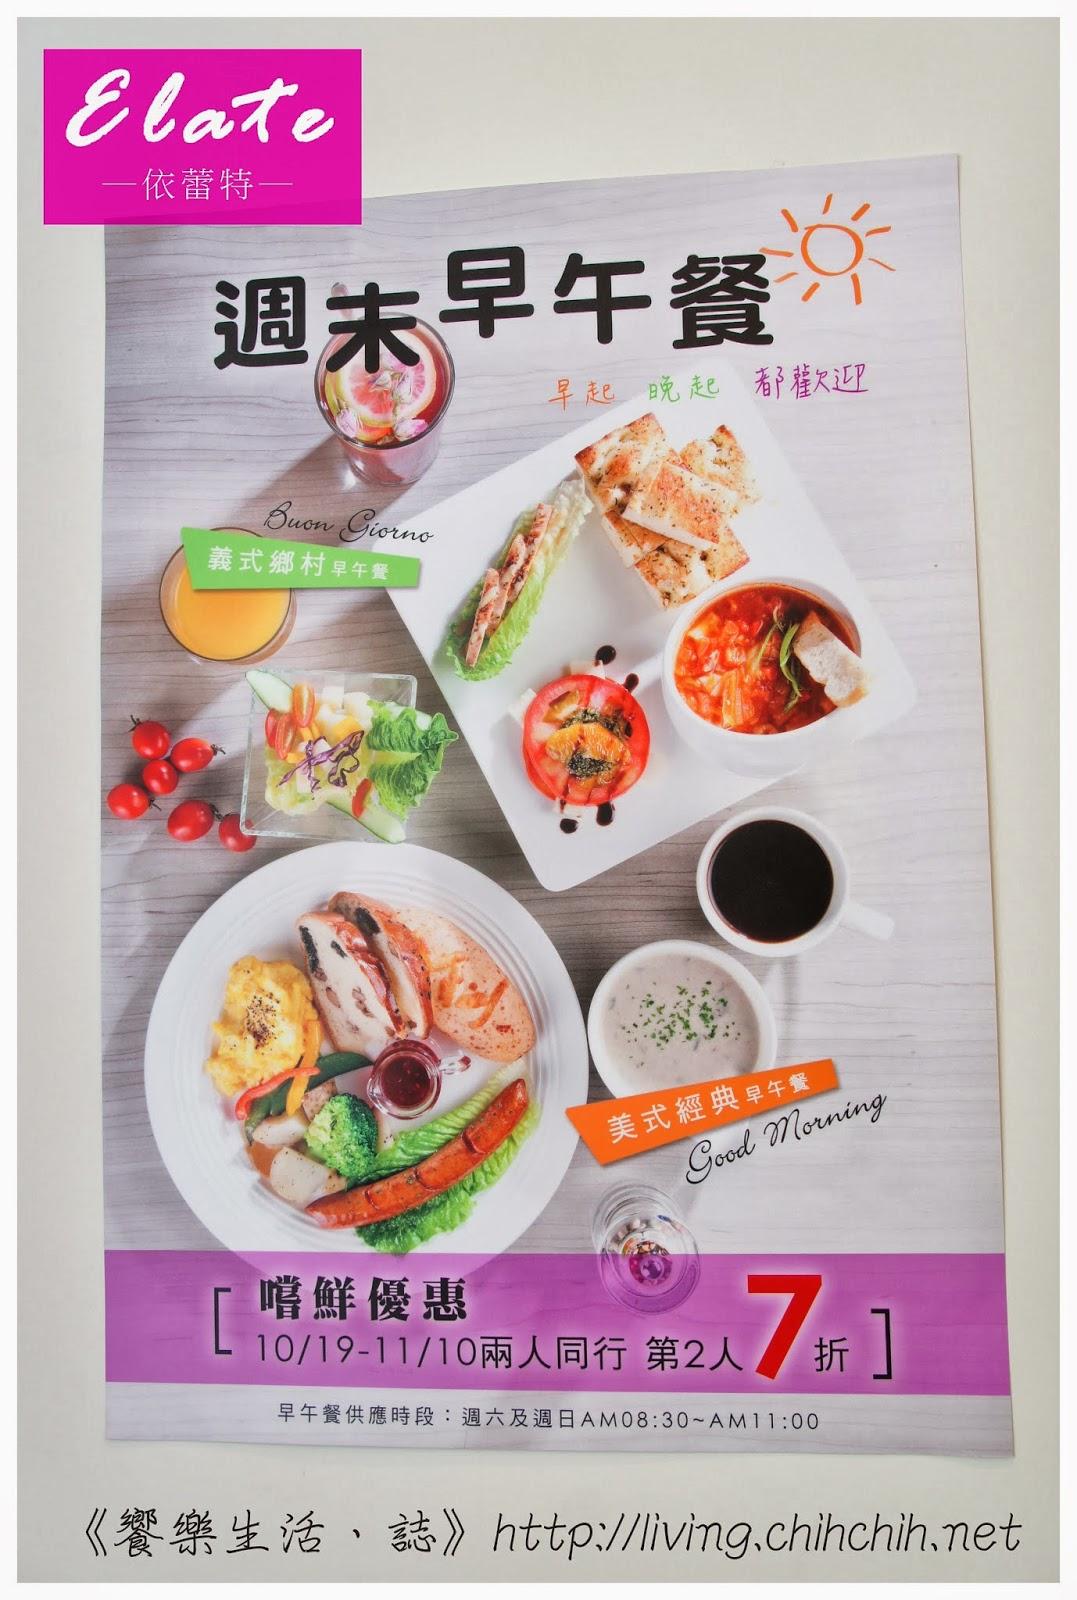 《饗樂生活誌》: 《臺南》依蕾特 義式, Restaurant Reviews | Facebook